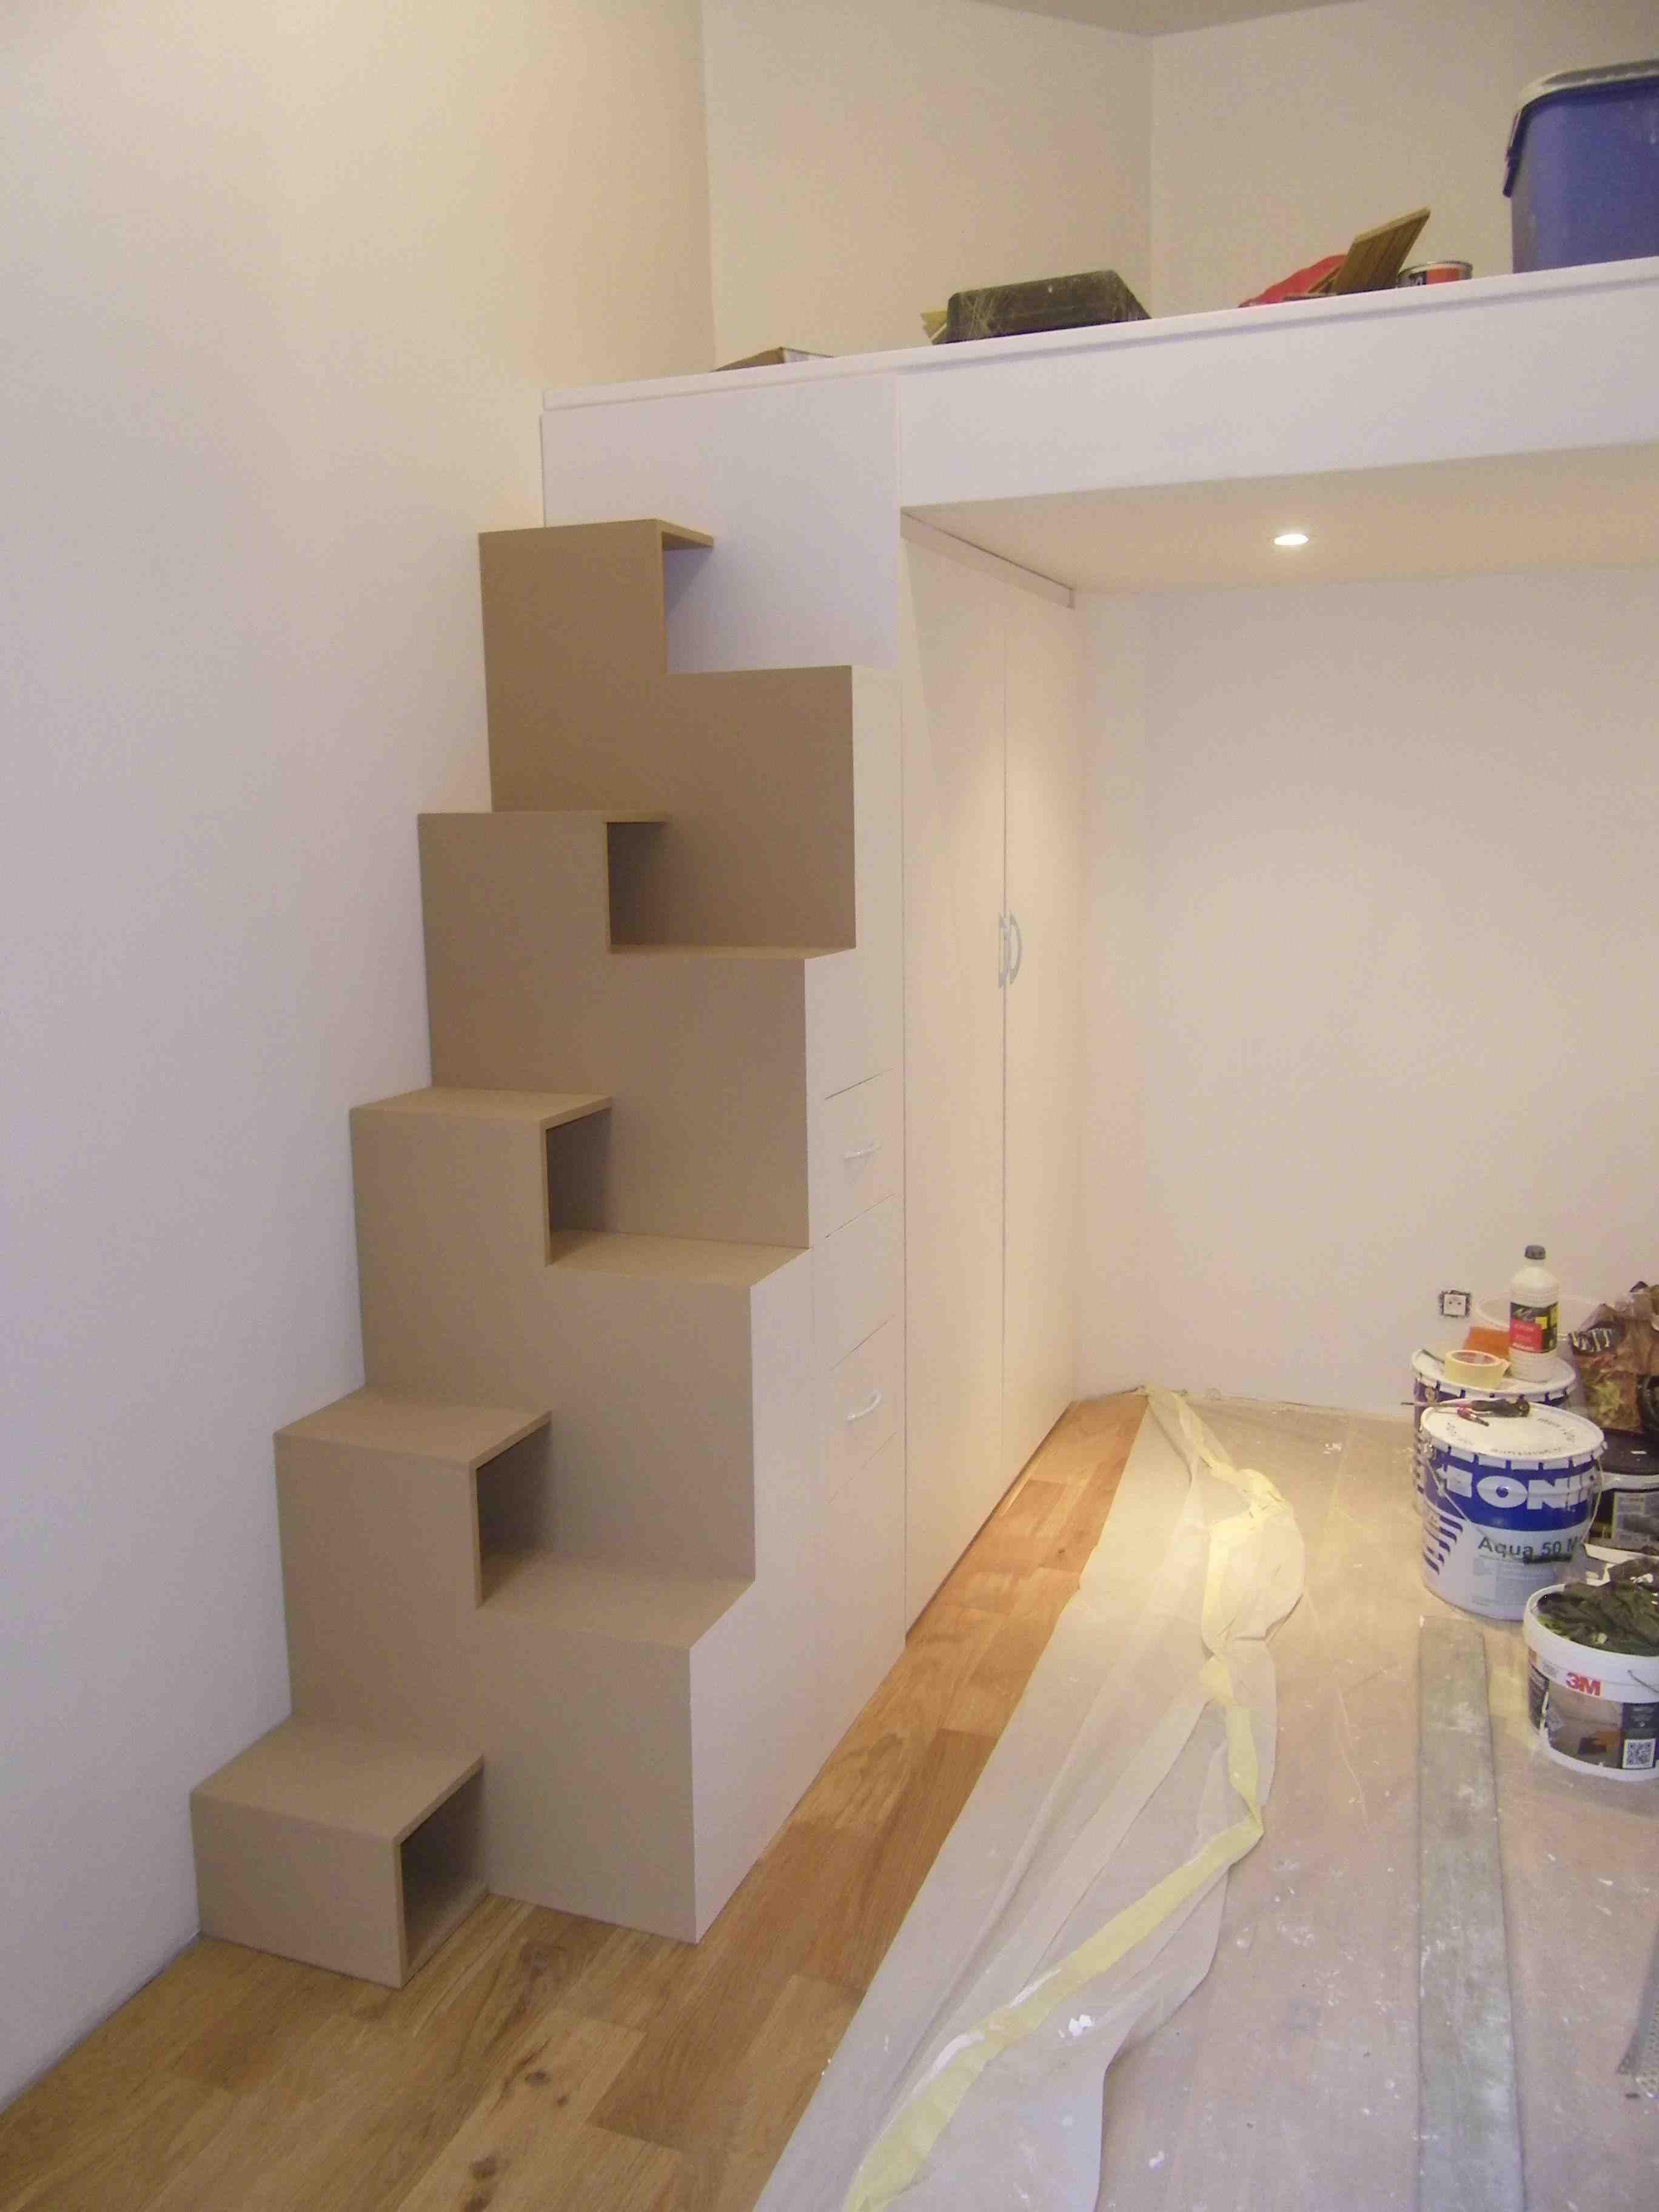 Ensemble Escalier Japonais Placard Sous Mezzanine Escalier Japonais Escalier Salons De Ferme